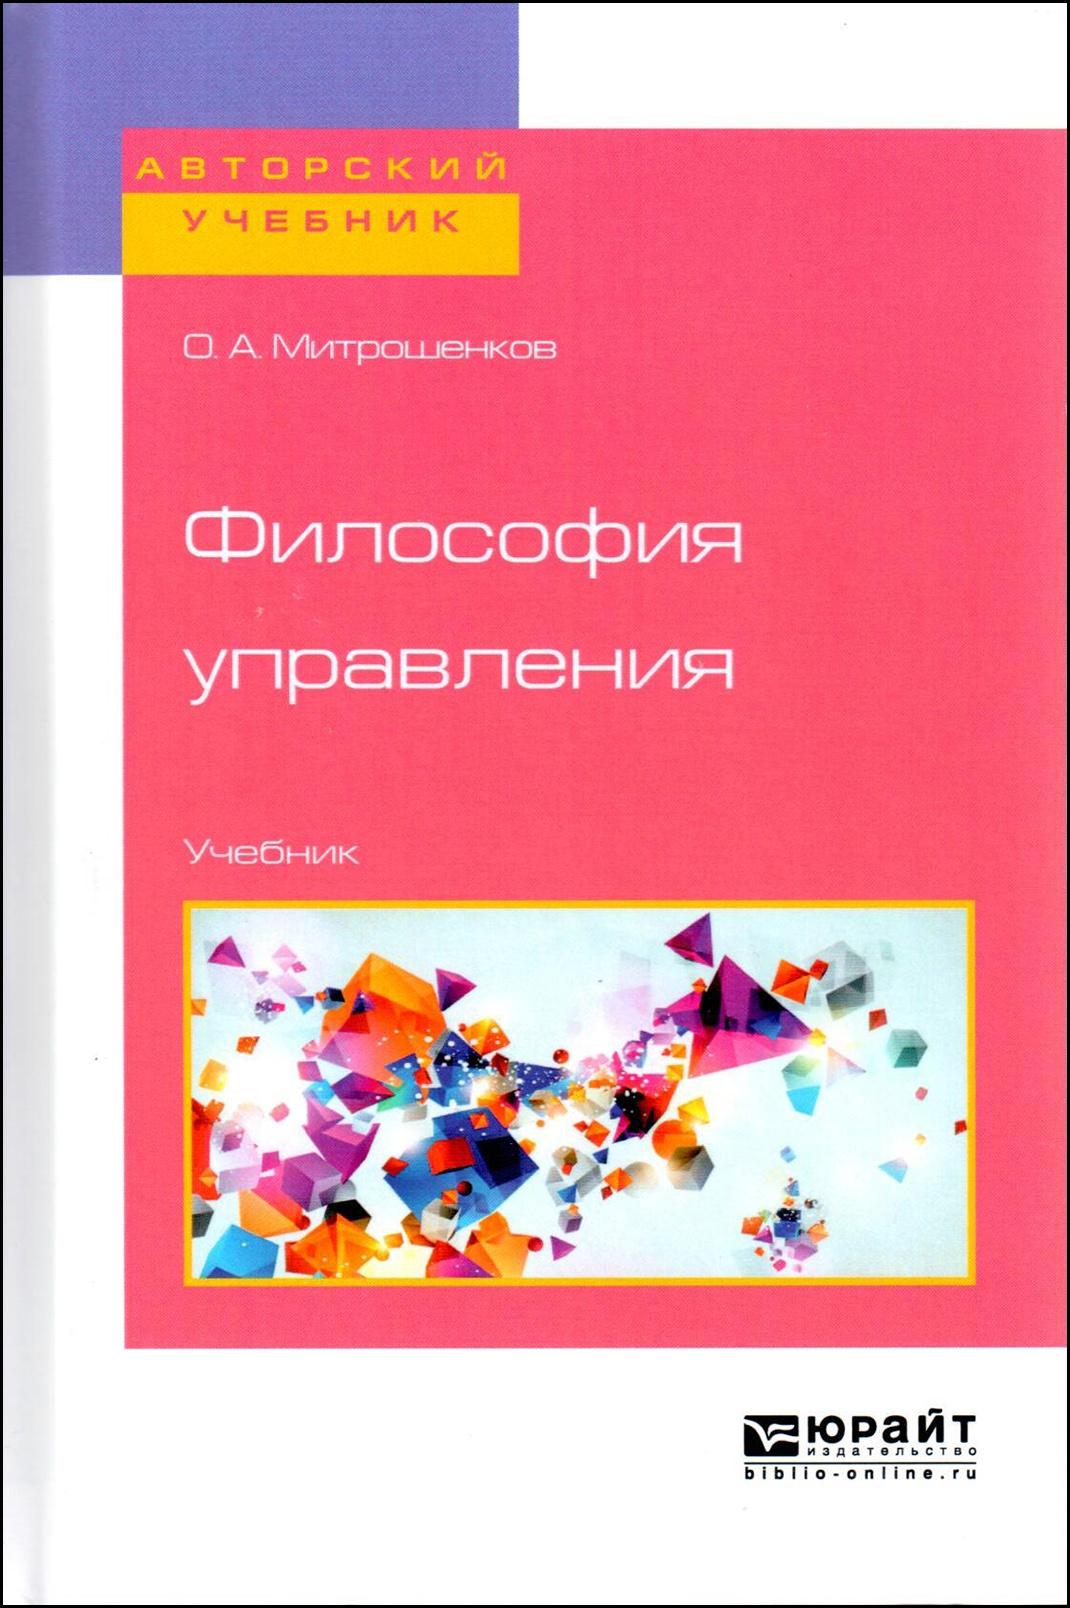 uchebnik-upravlenie-organizatsiey